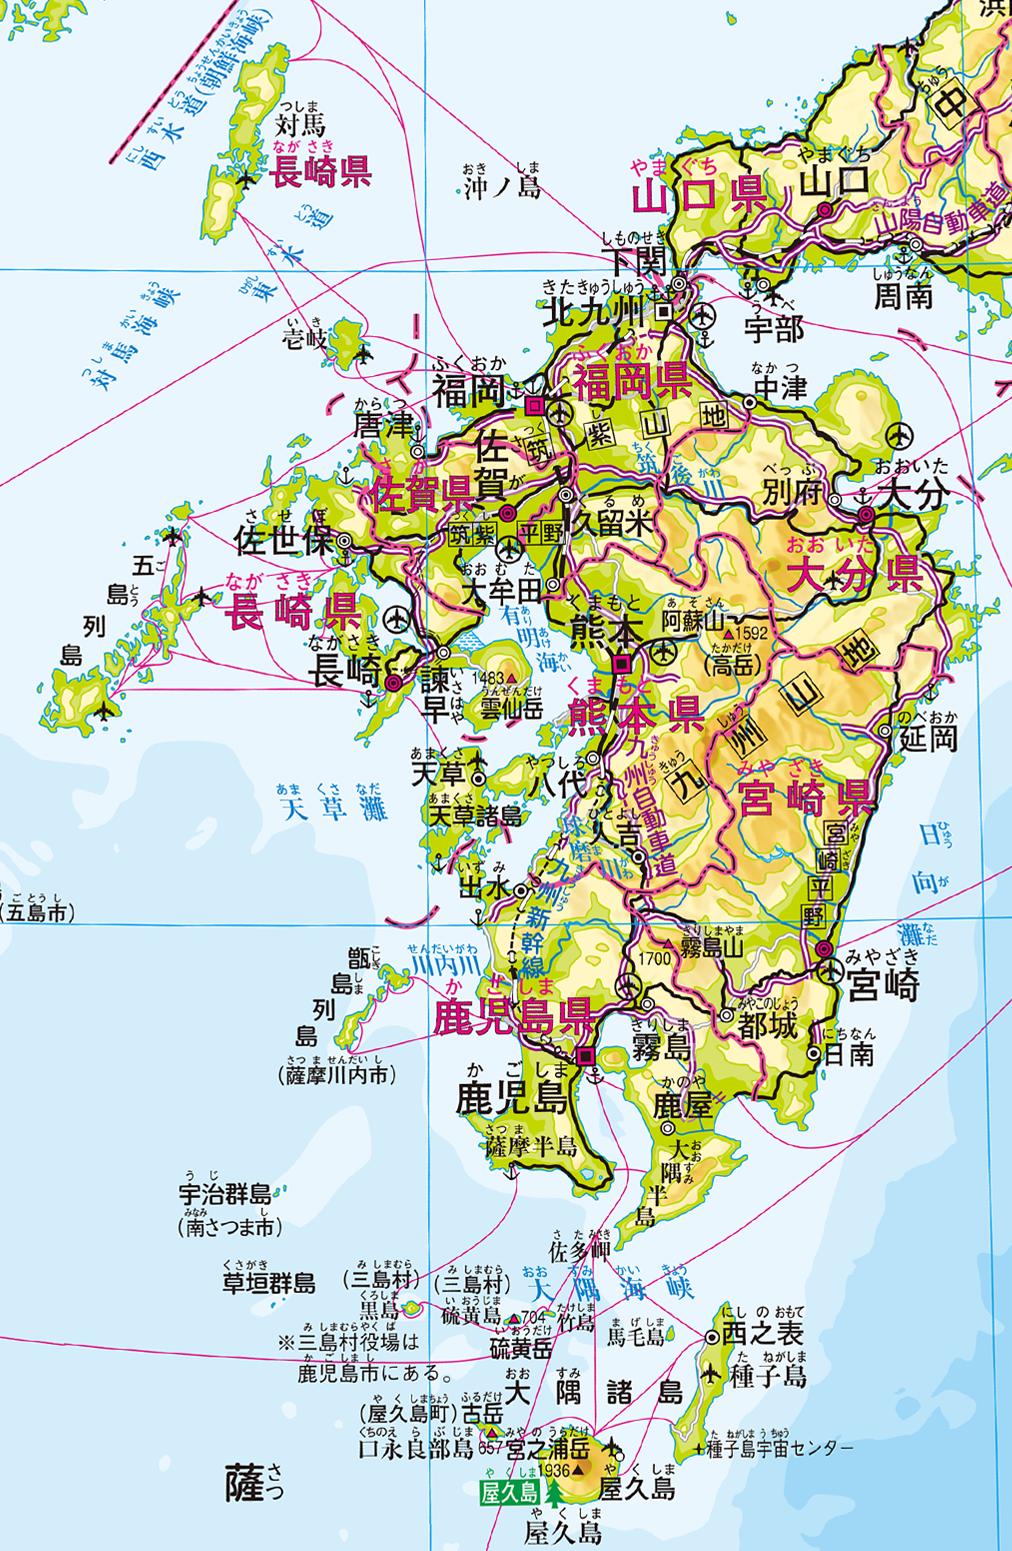 九州地方|州・地方別メニュー|中学校社会科地図|帝国書院